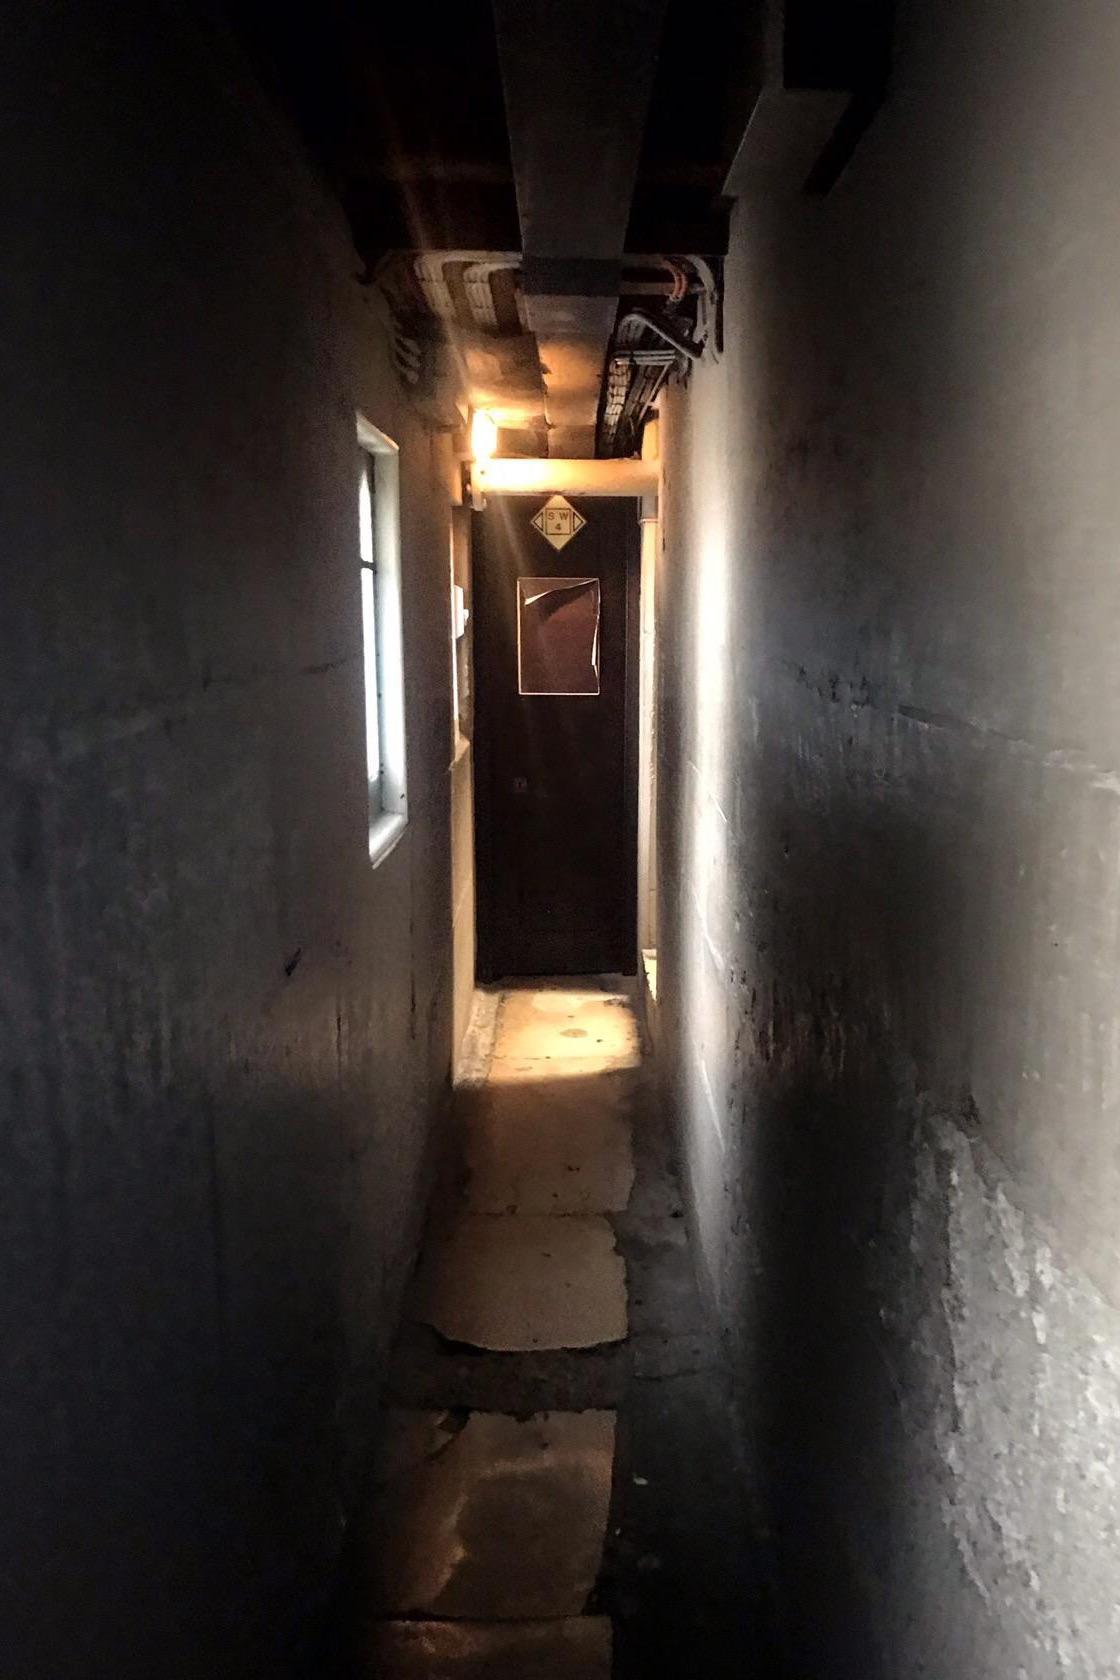 Не совсем арка, но всё-таки свет в конце туннеля. Это узкий коридор в Соборе Святого Павла в Лондоне. Где вежливые англичане становятся еще вежливее.